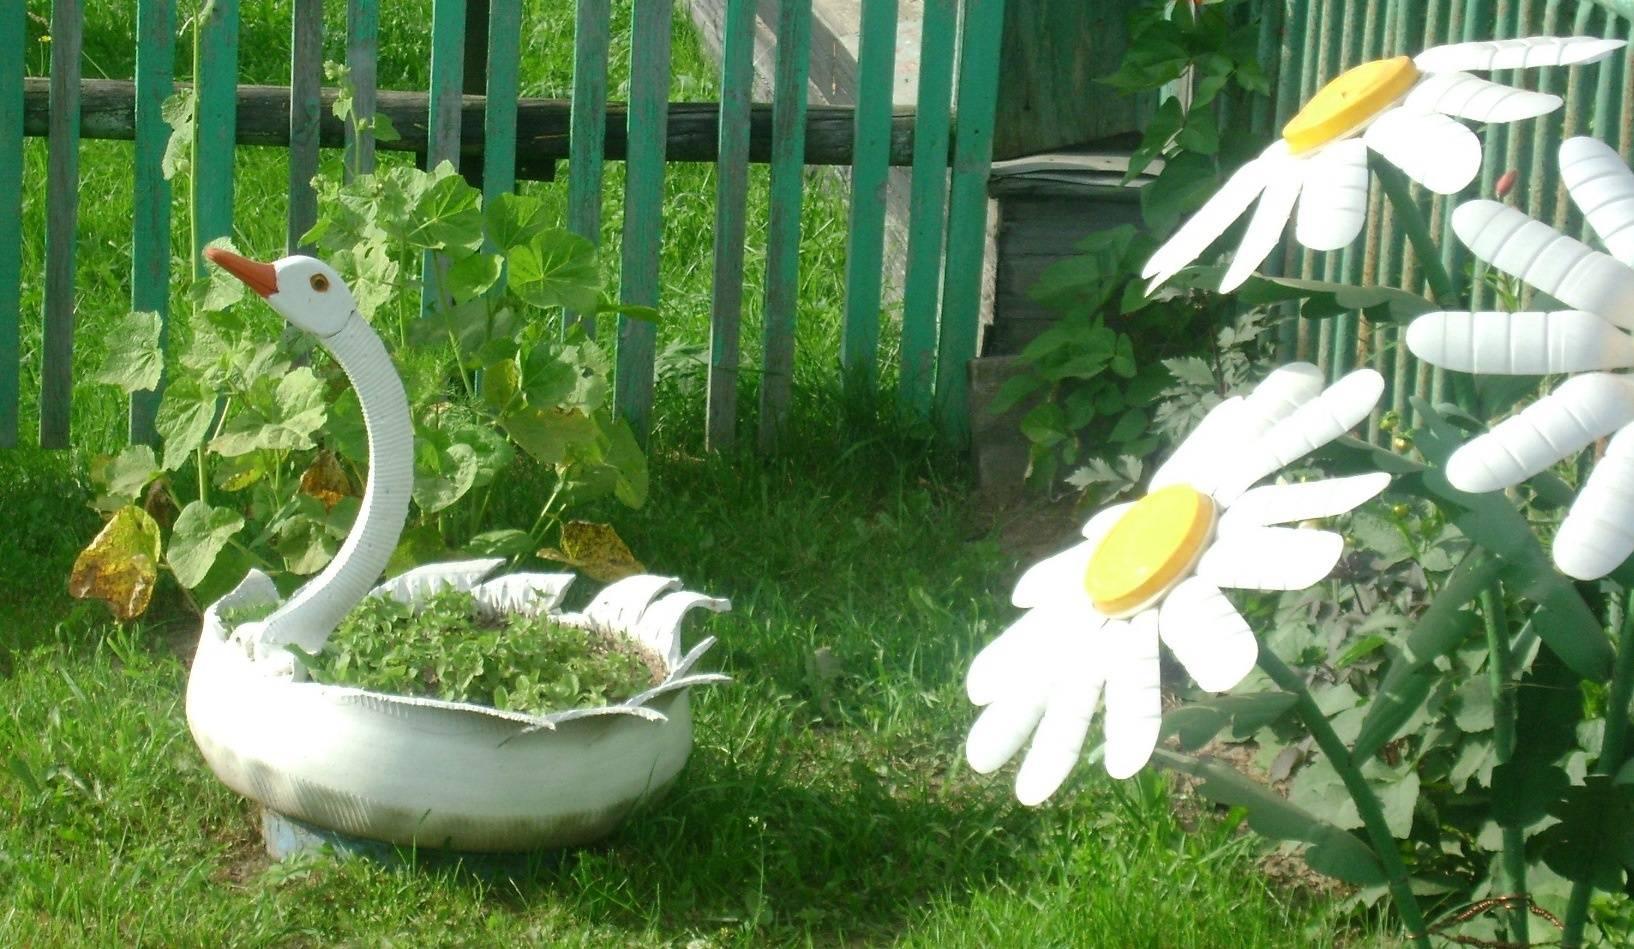 Поделки для сада и дачи своими руками из подручных материалов: пластиковых бутылок, дерева, фанеры,новинки, фото